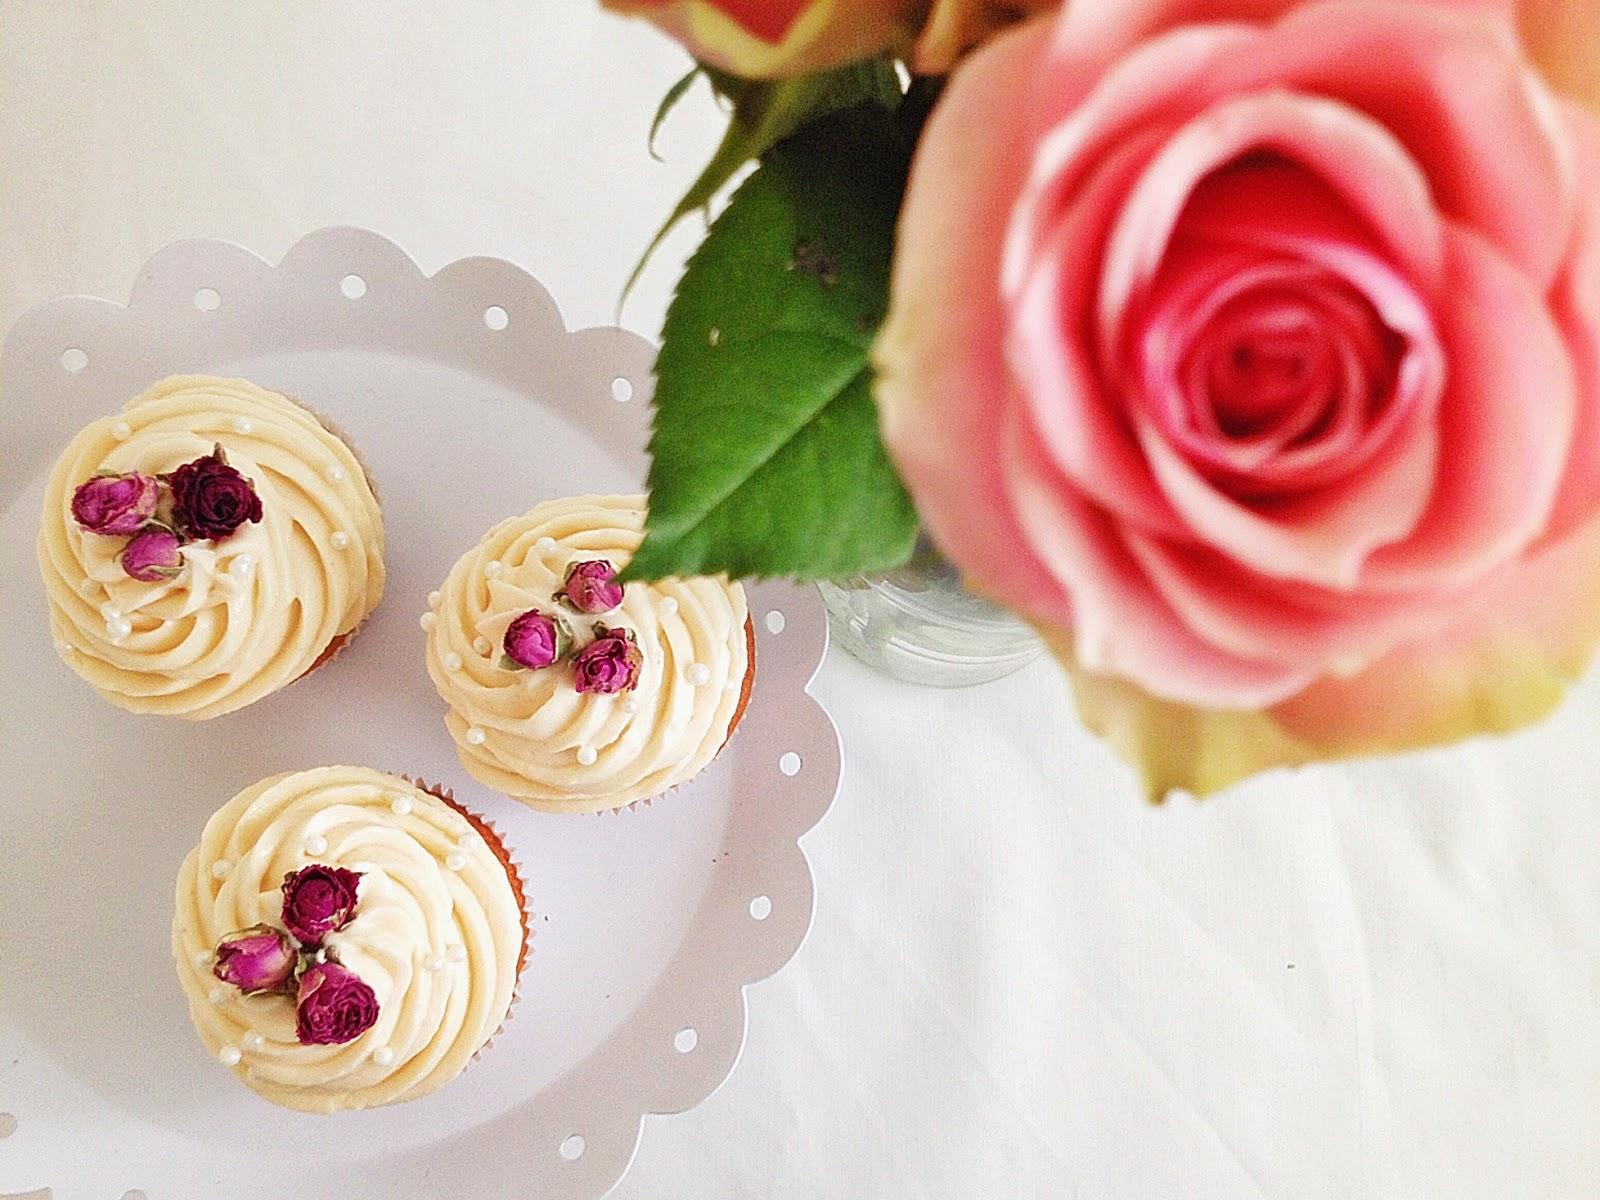 Cupcakes mit Rose von oben